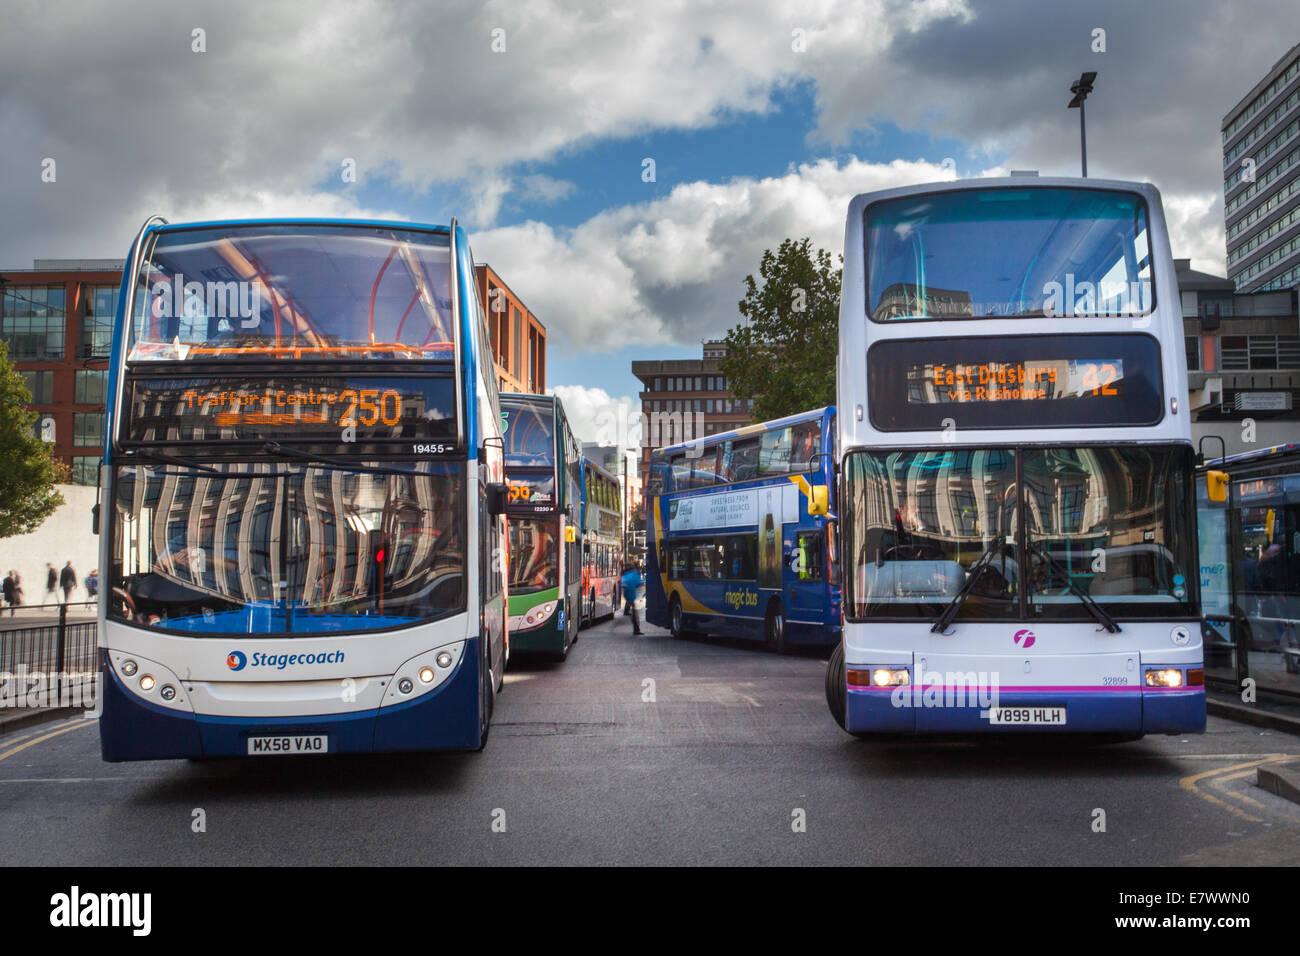 Magic Bus Stock Photos & Magic Bus Stock Images - Alamy